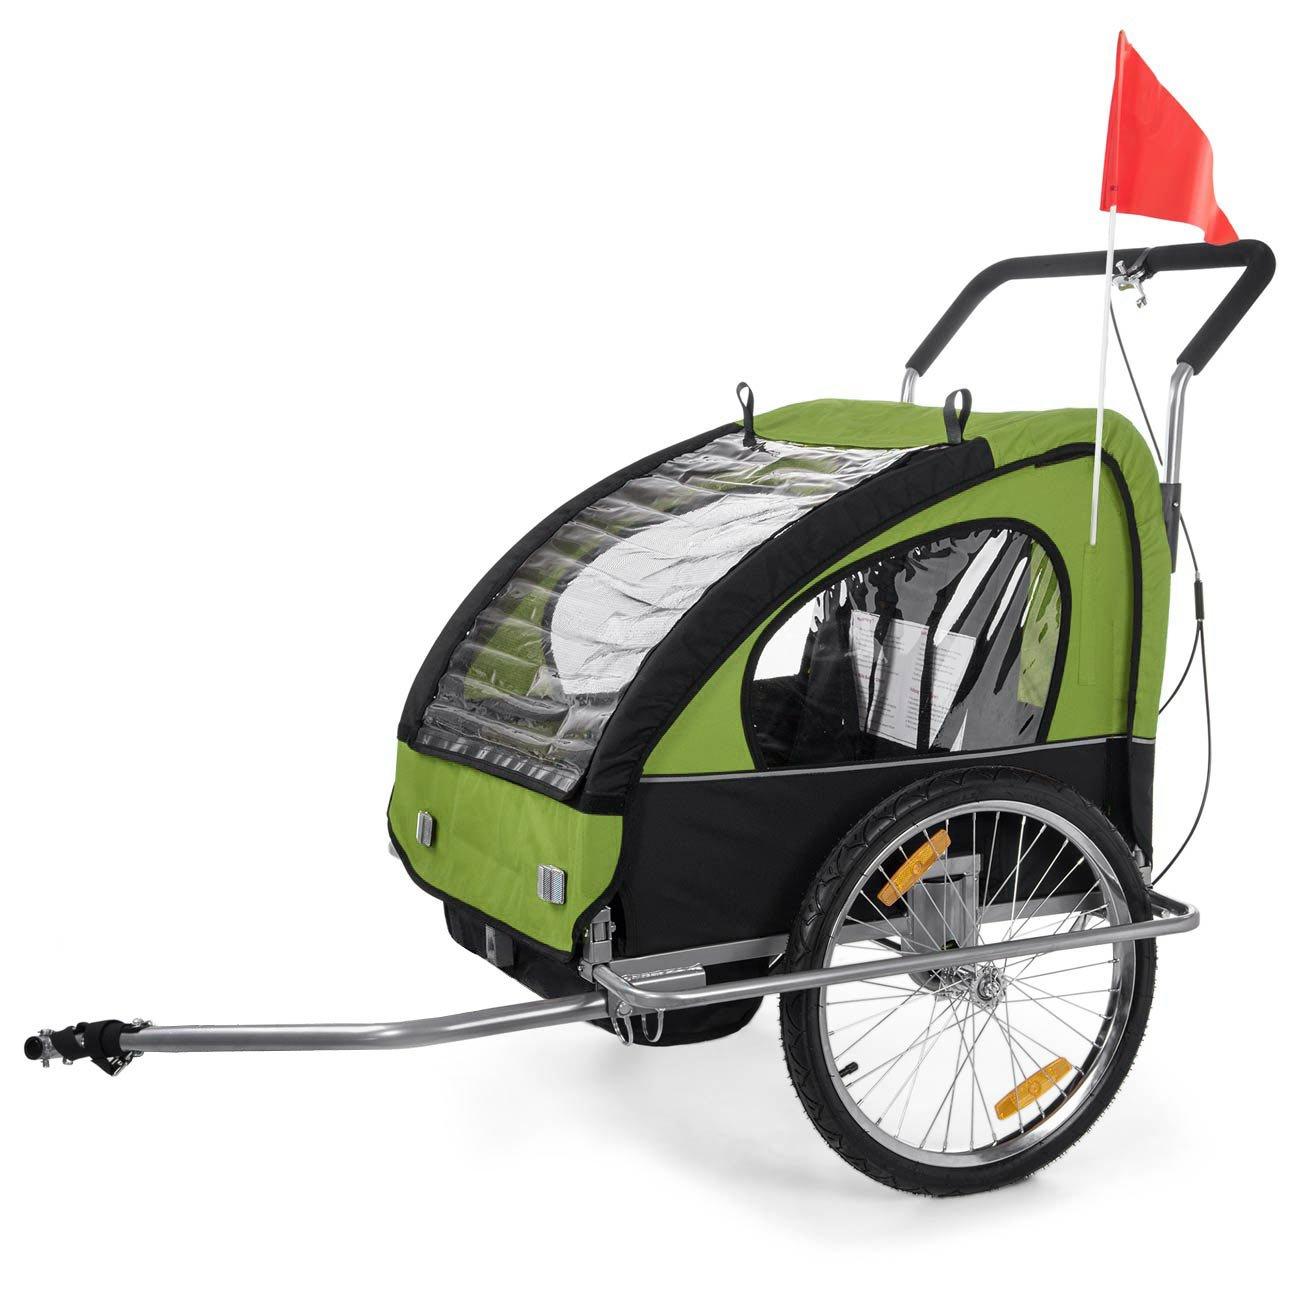 SAMAX - Cochecito infantil para remolque de bicicleta, color green black: Amazon.es: Deportes y aire libre